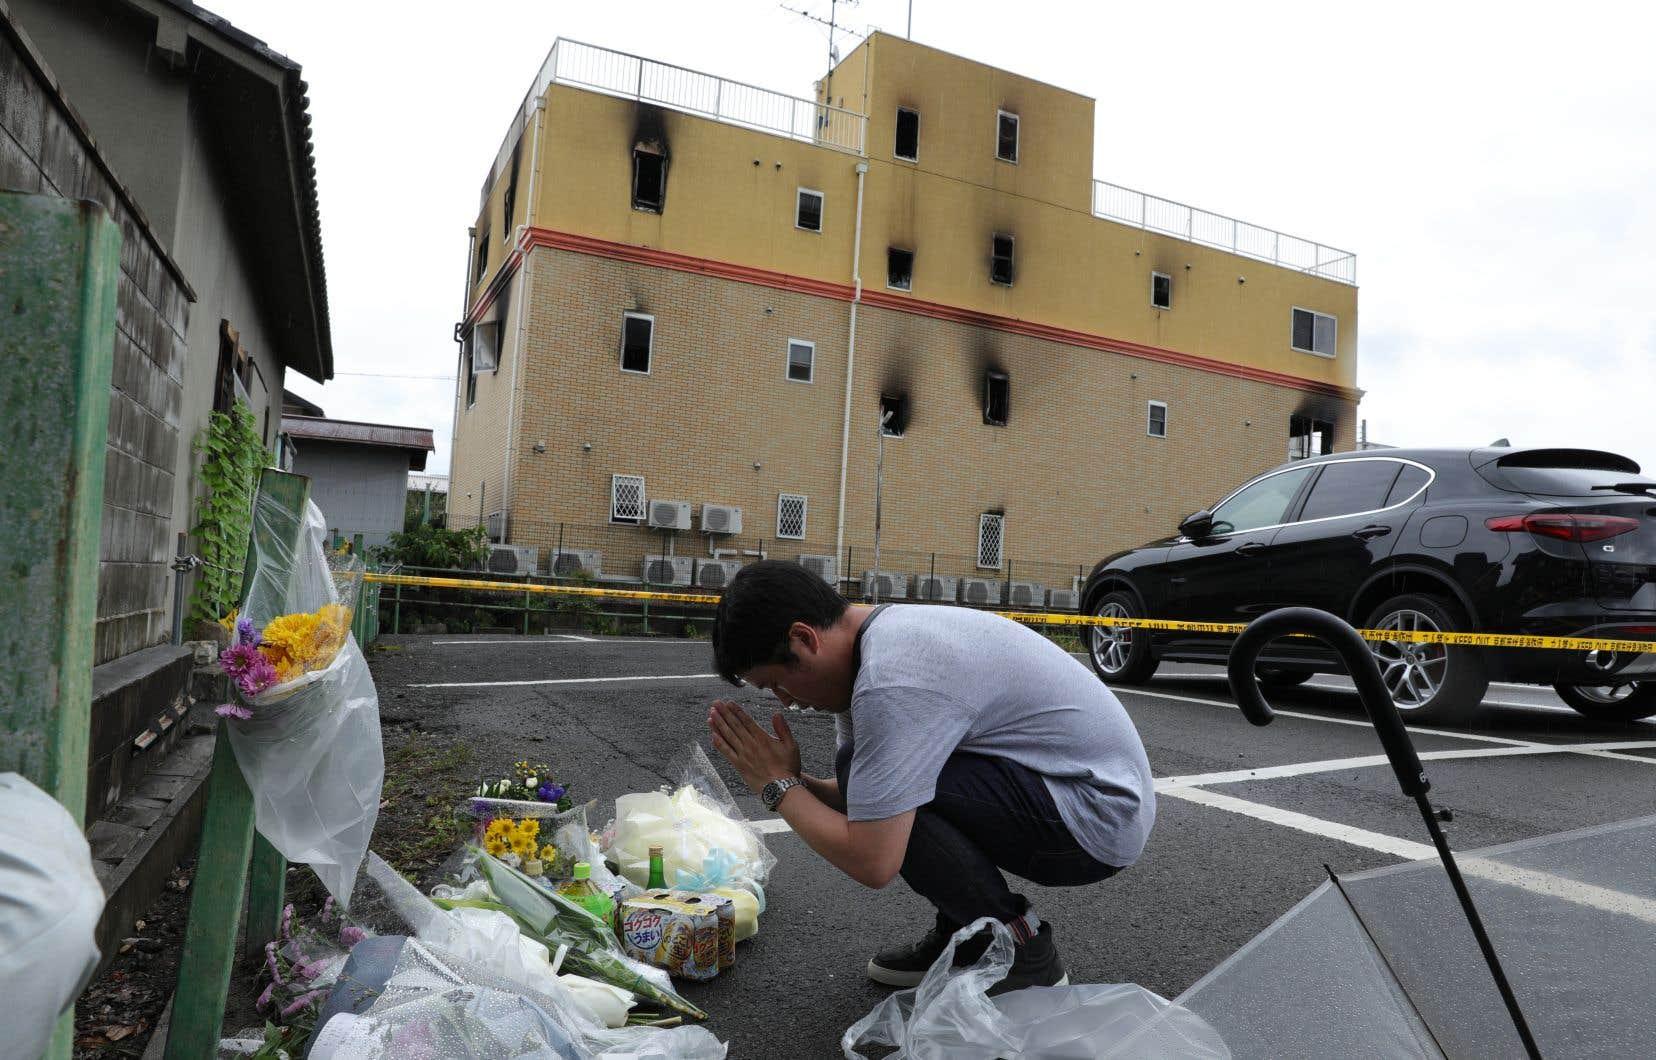 <p>Dans le quartier résidentiel de Kyoto, ville de l'ouest de l'archipel où est survenu le drame, l'odeur de brûlé imprégnait les lieux, tandis que des passants venaient déposer des fleurs sous un ciel gris et lourd.</p>